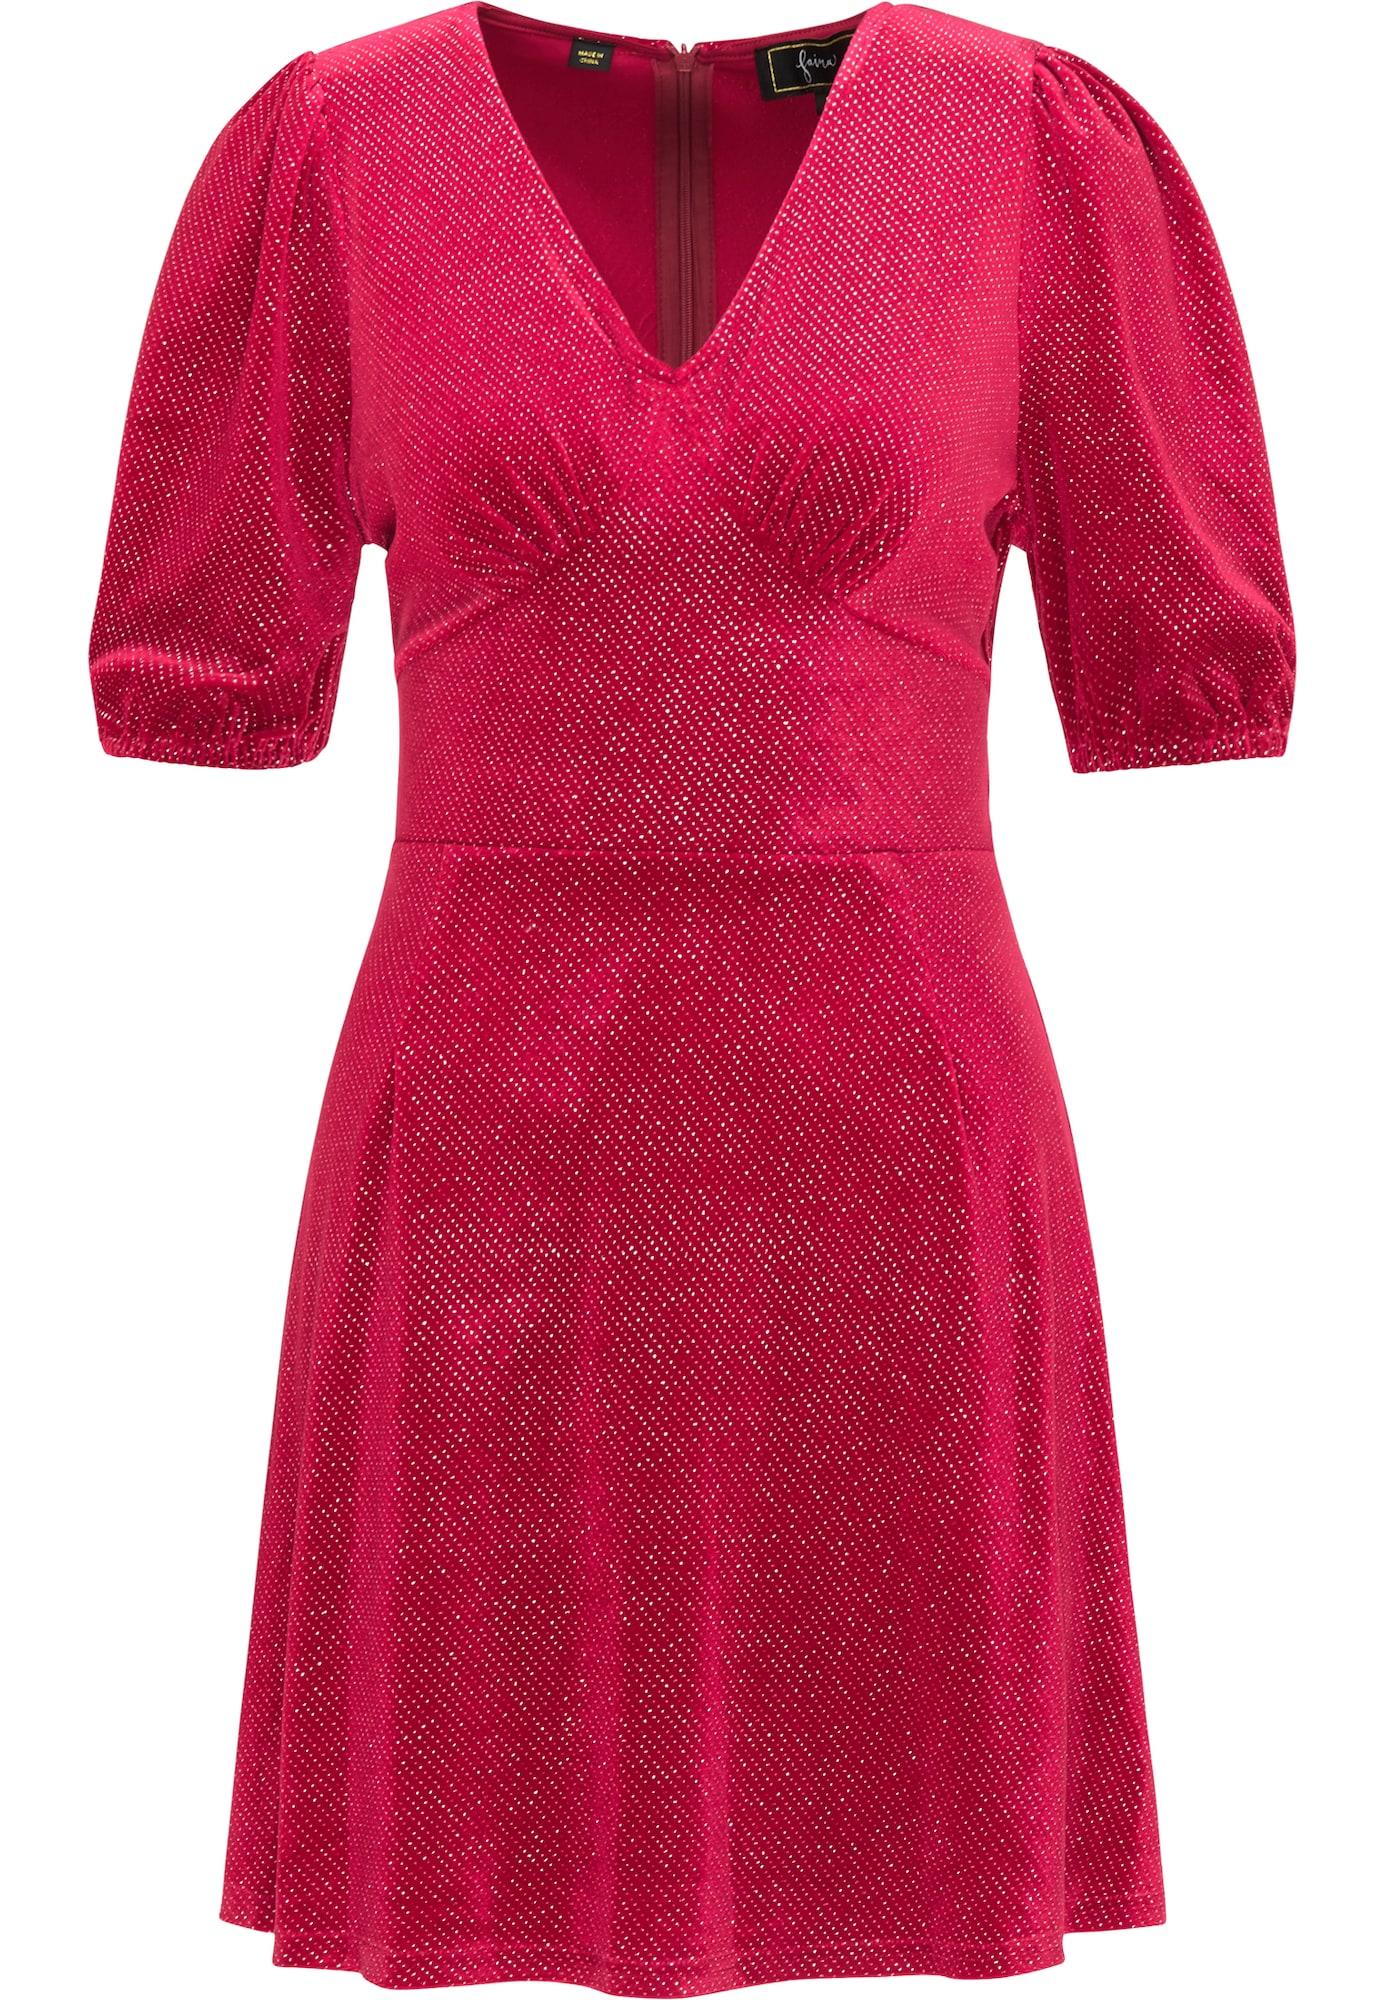 faina Kokteilinė suknelė fuksijų spalva